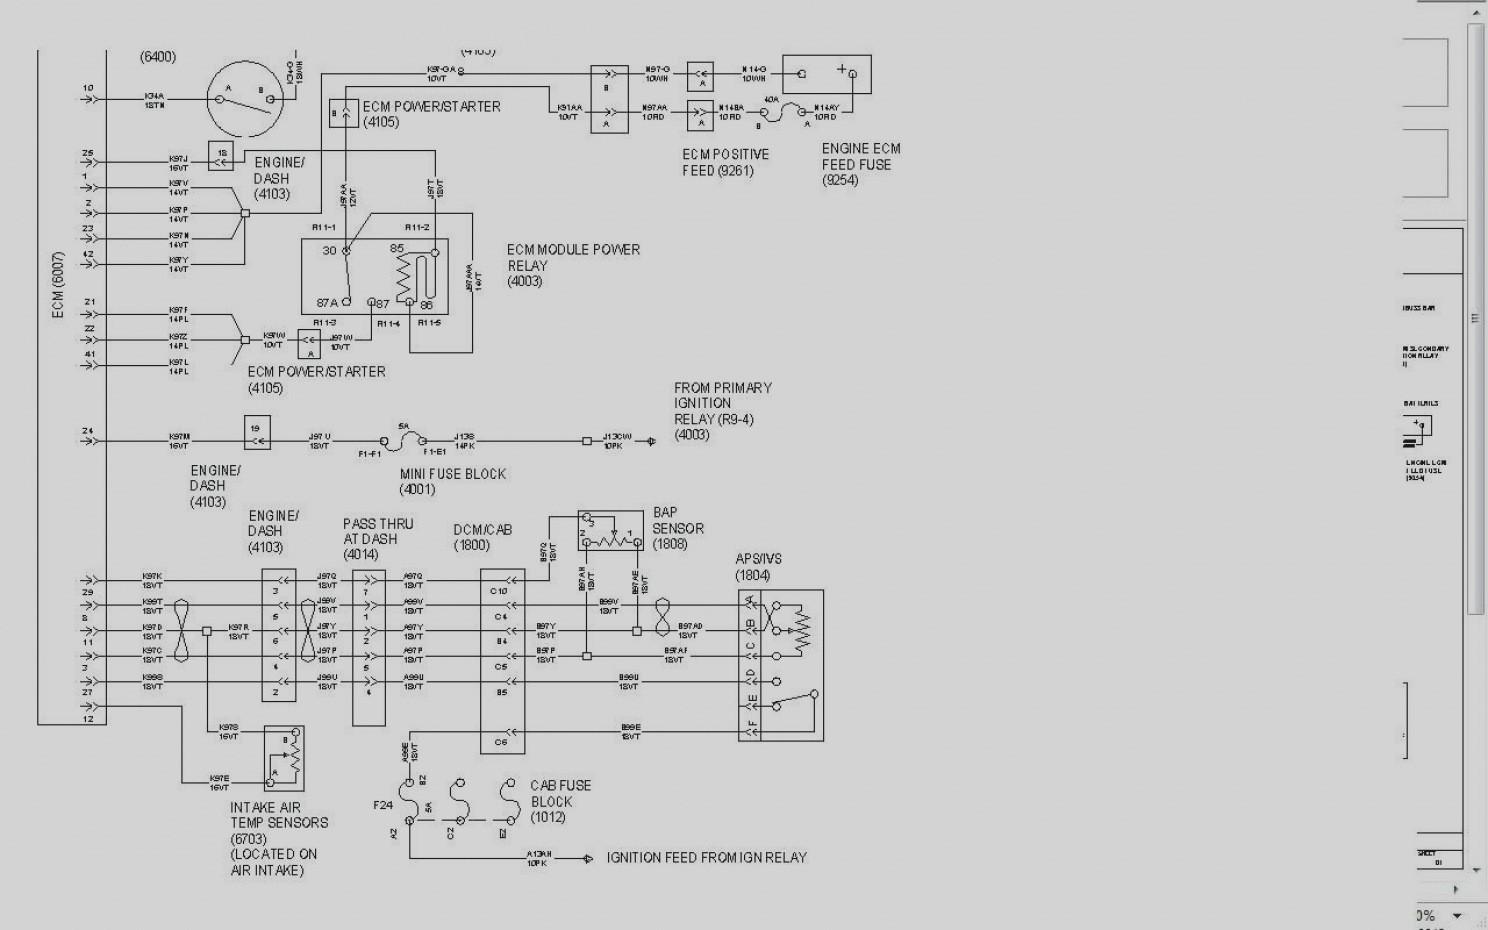 04 International 4300 Wiring Diagram. Diagram. Wiring